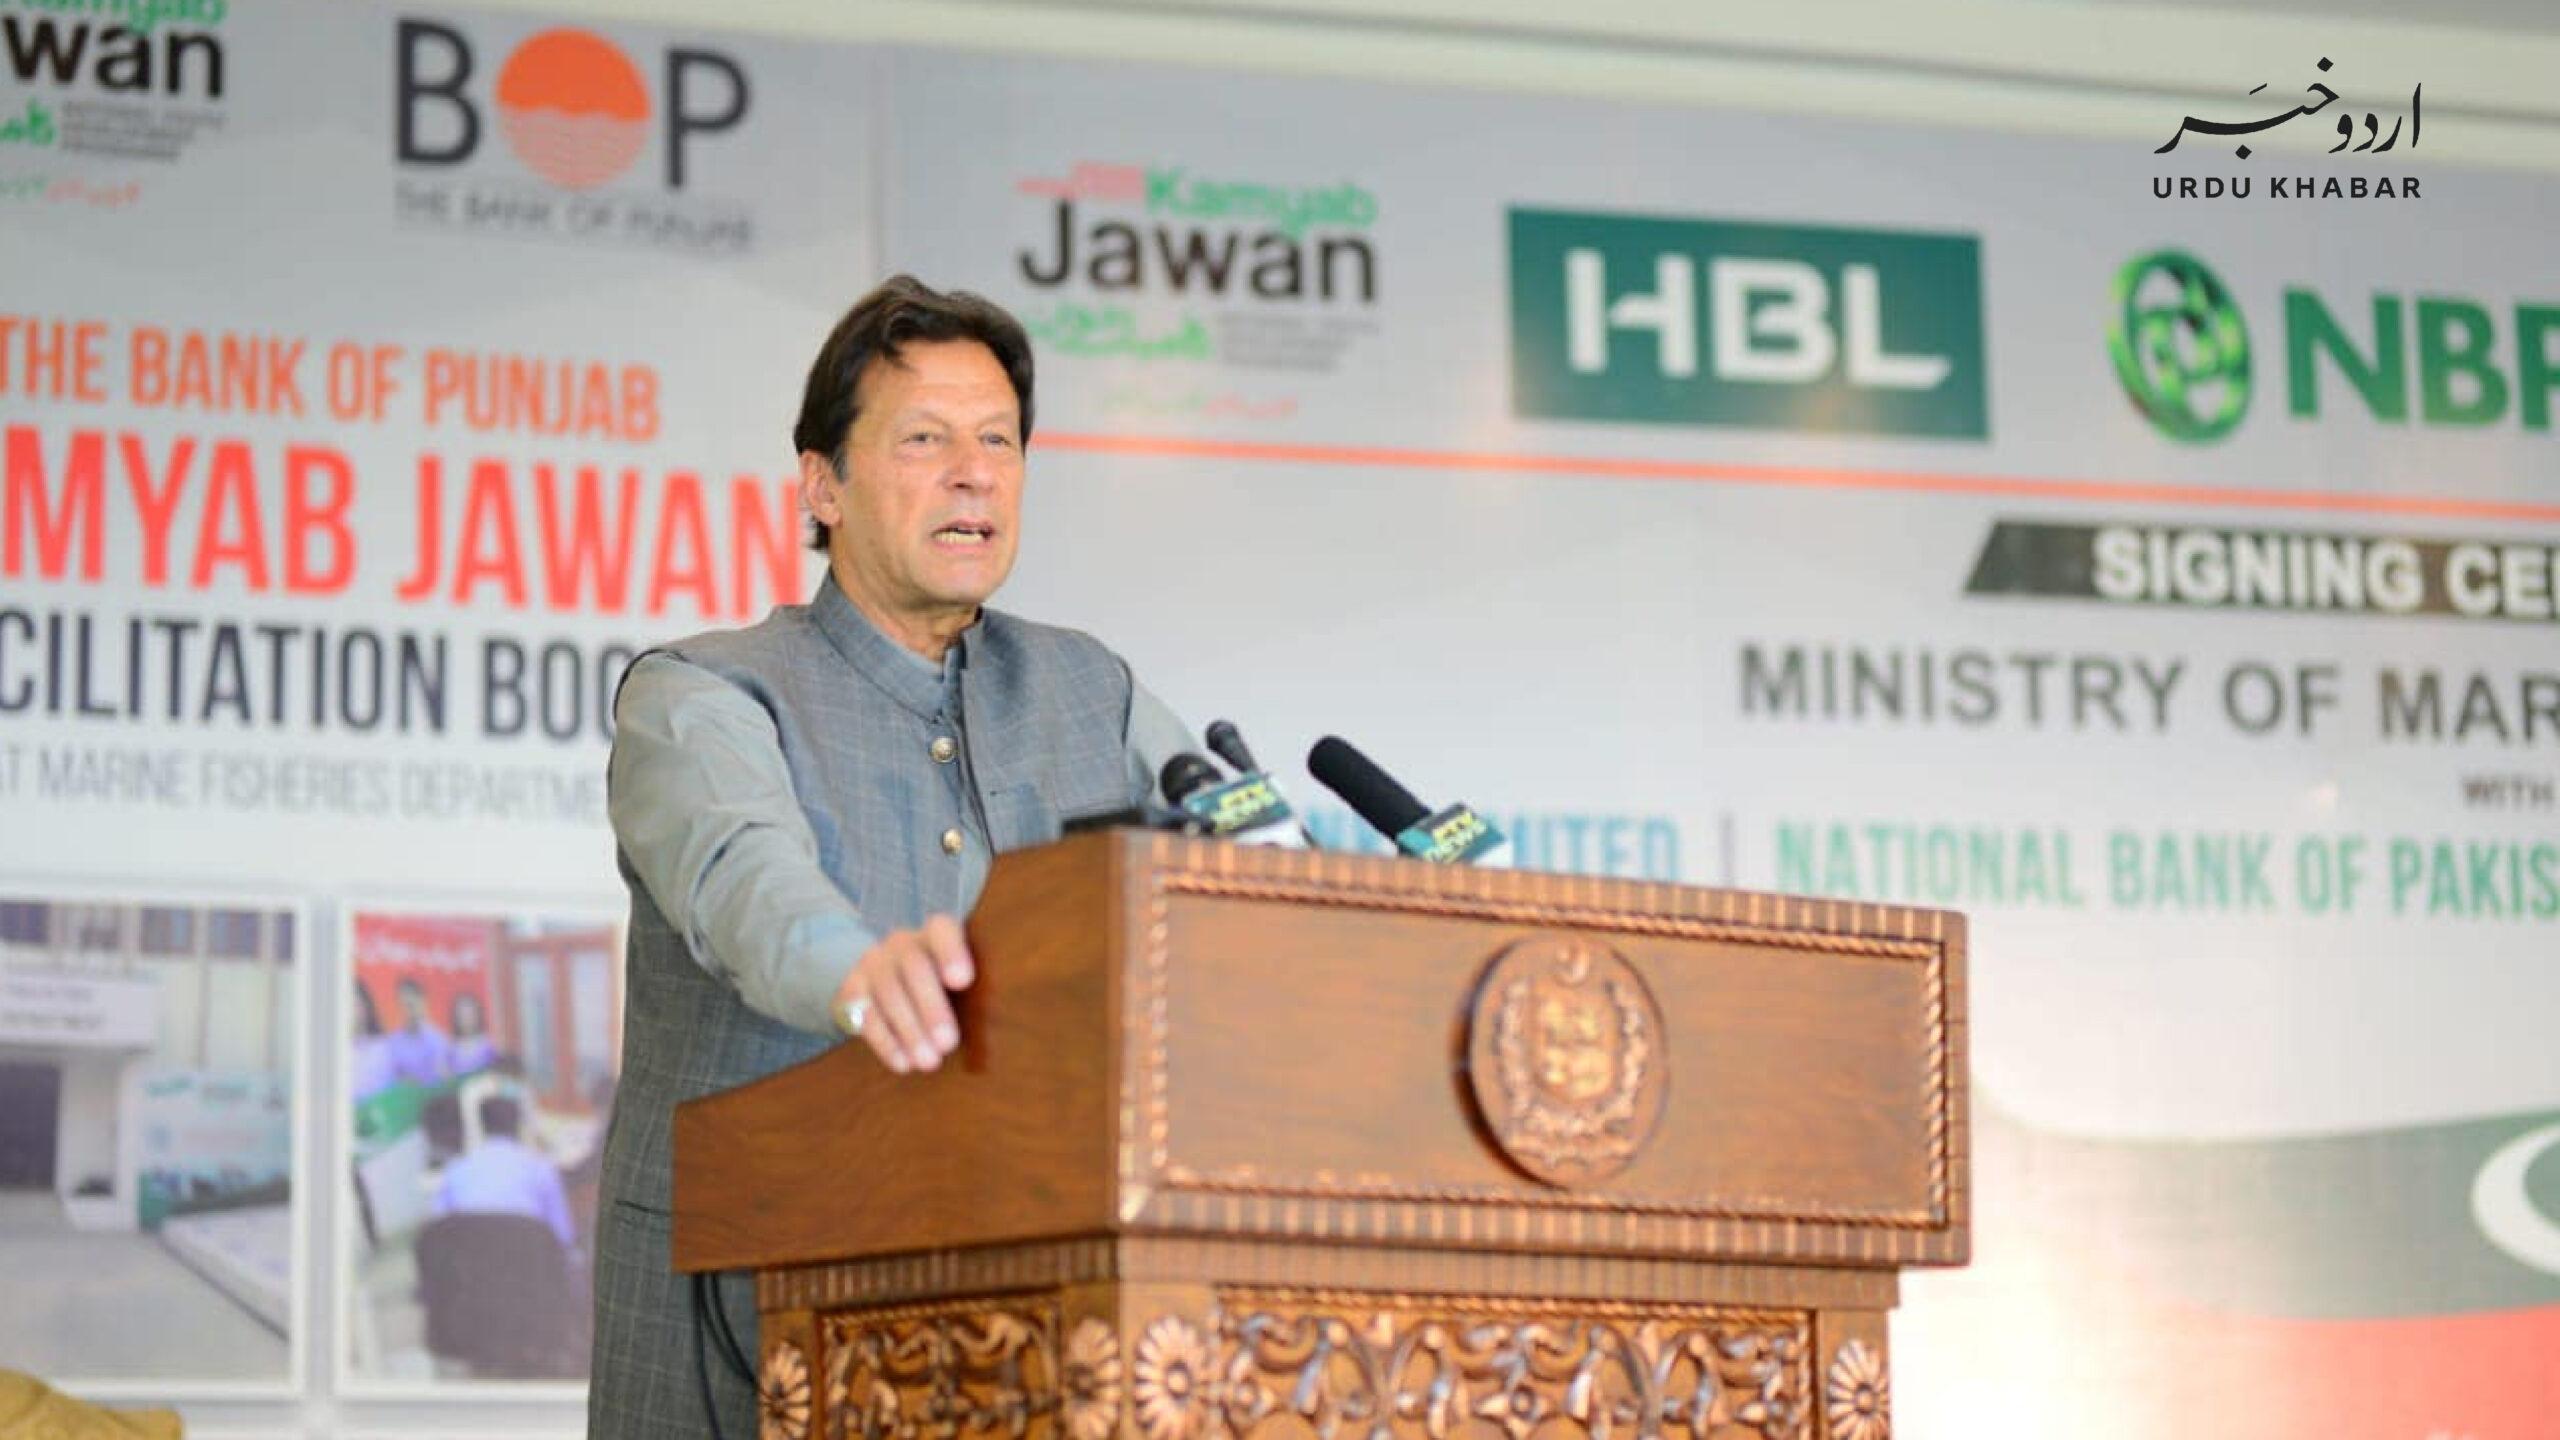 وزیر اعظم عمران خان کا کوویڈ19 سے شدید متاثرہ بھارت سے اظہار یکجہتی